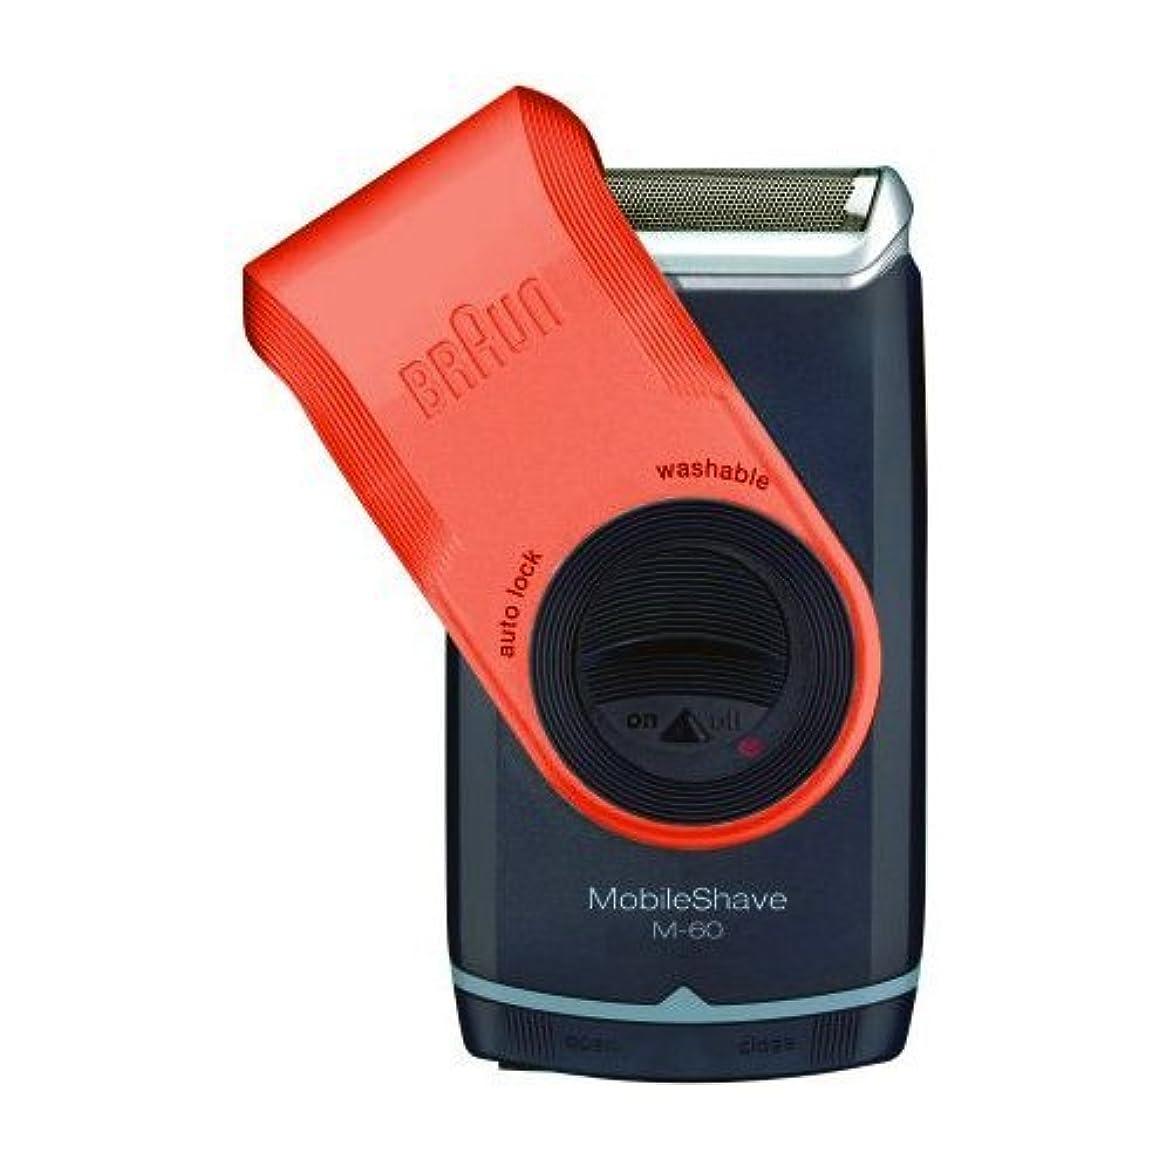 共役プール柔和ブラウン モバイル ポケット シェーバー M60 赤 電池式 並行輸入品